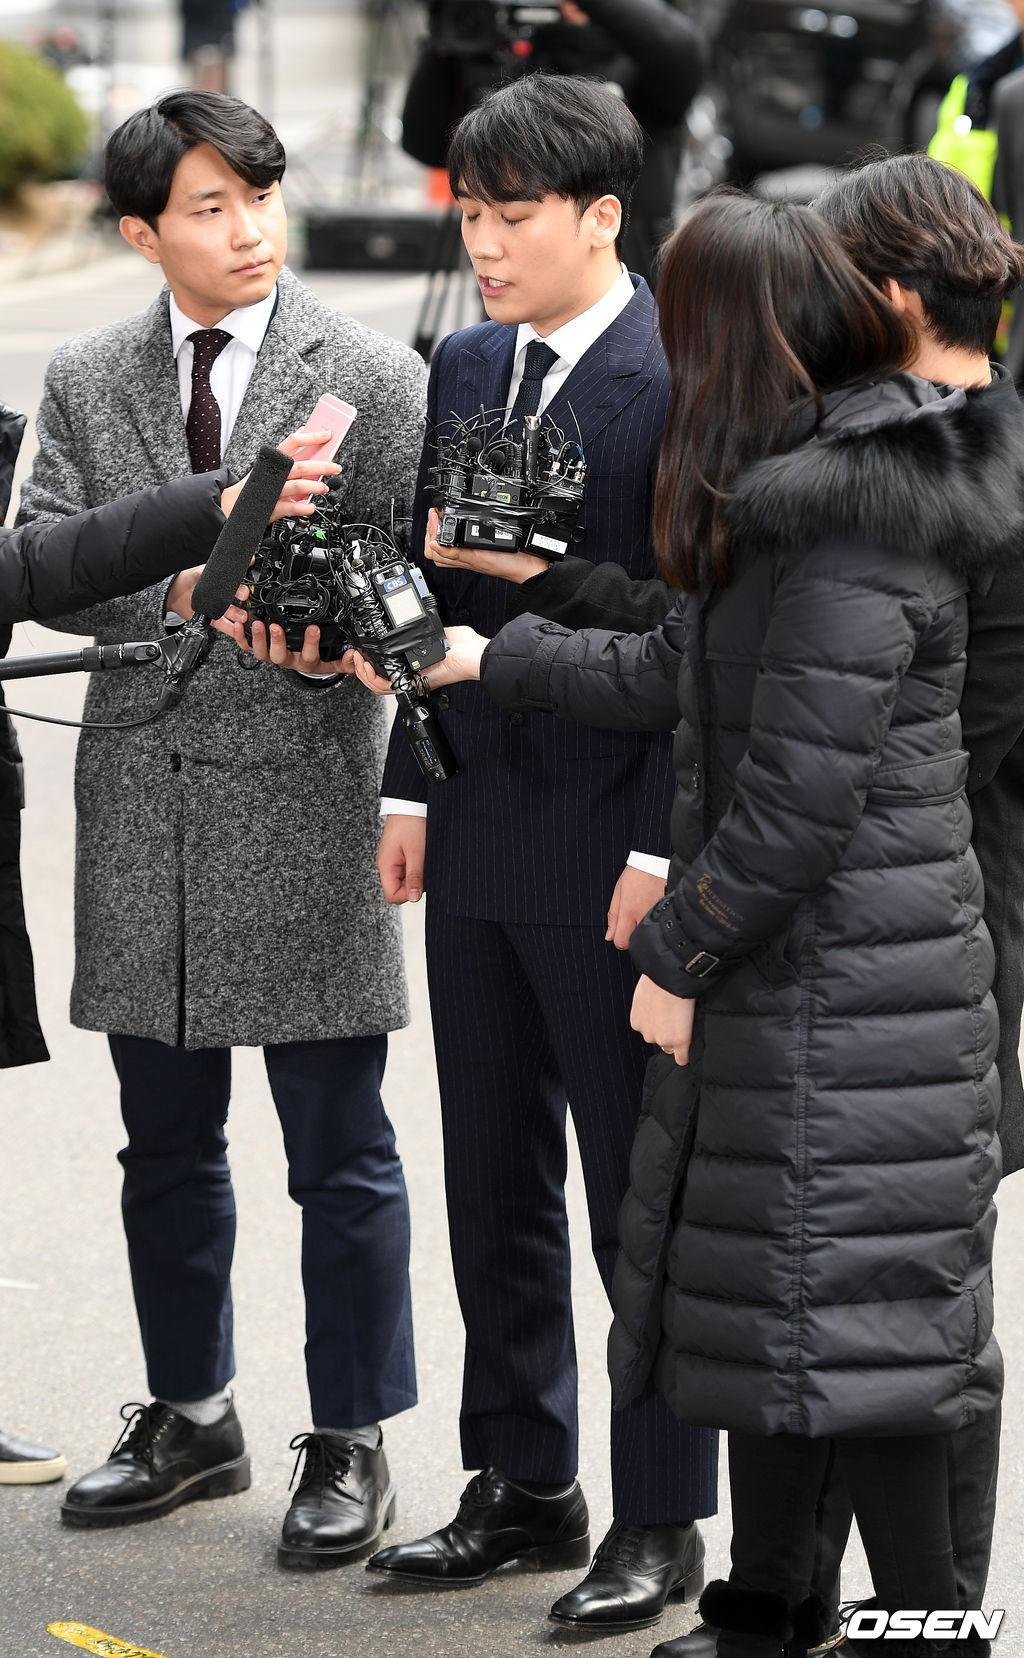 Clip Seungri chính thức trình diện để thẩm vấn: Vẫn đi xe sang nhưng tiều tuỵ hẳn, mắt đỏ rưng rưng xin lỗi nạn nhân - Ảnh 11.